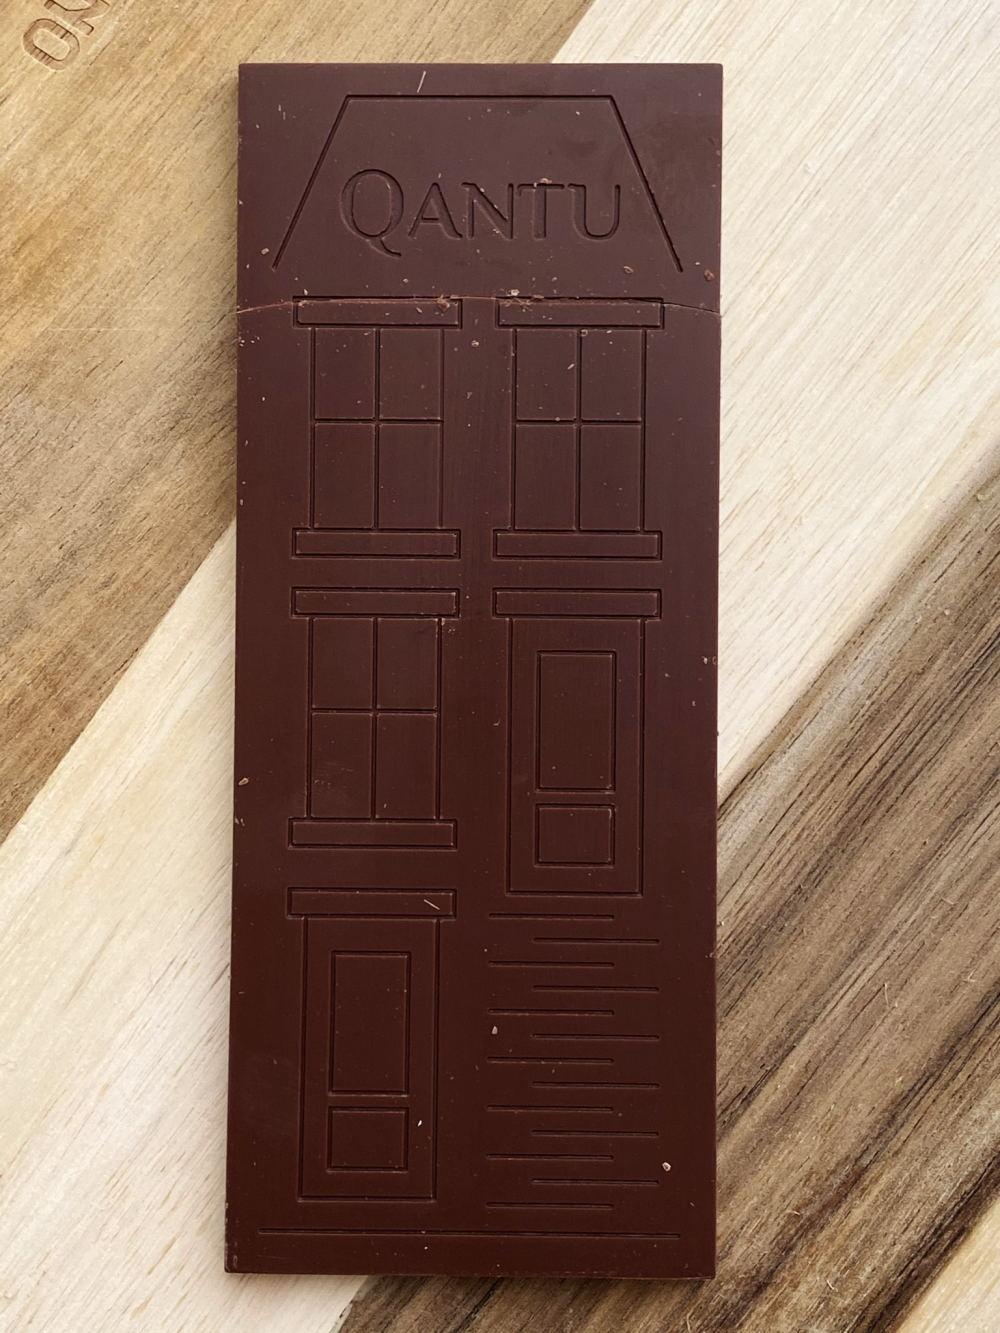 カントゥチョコレートのモールド